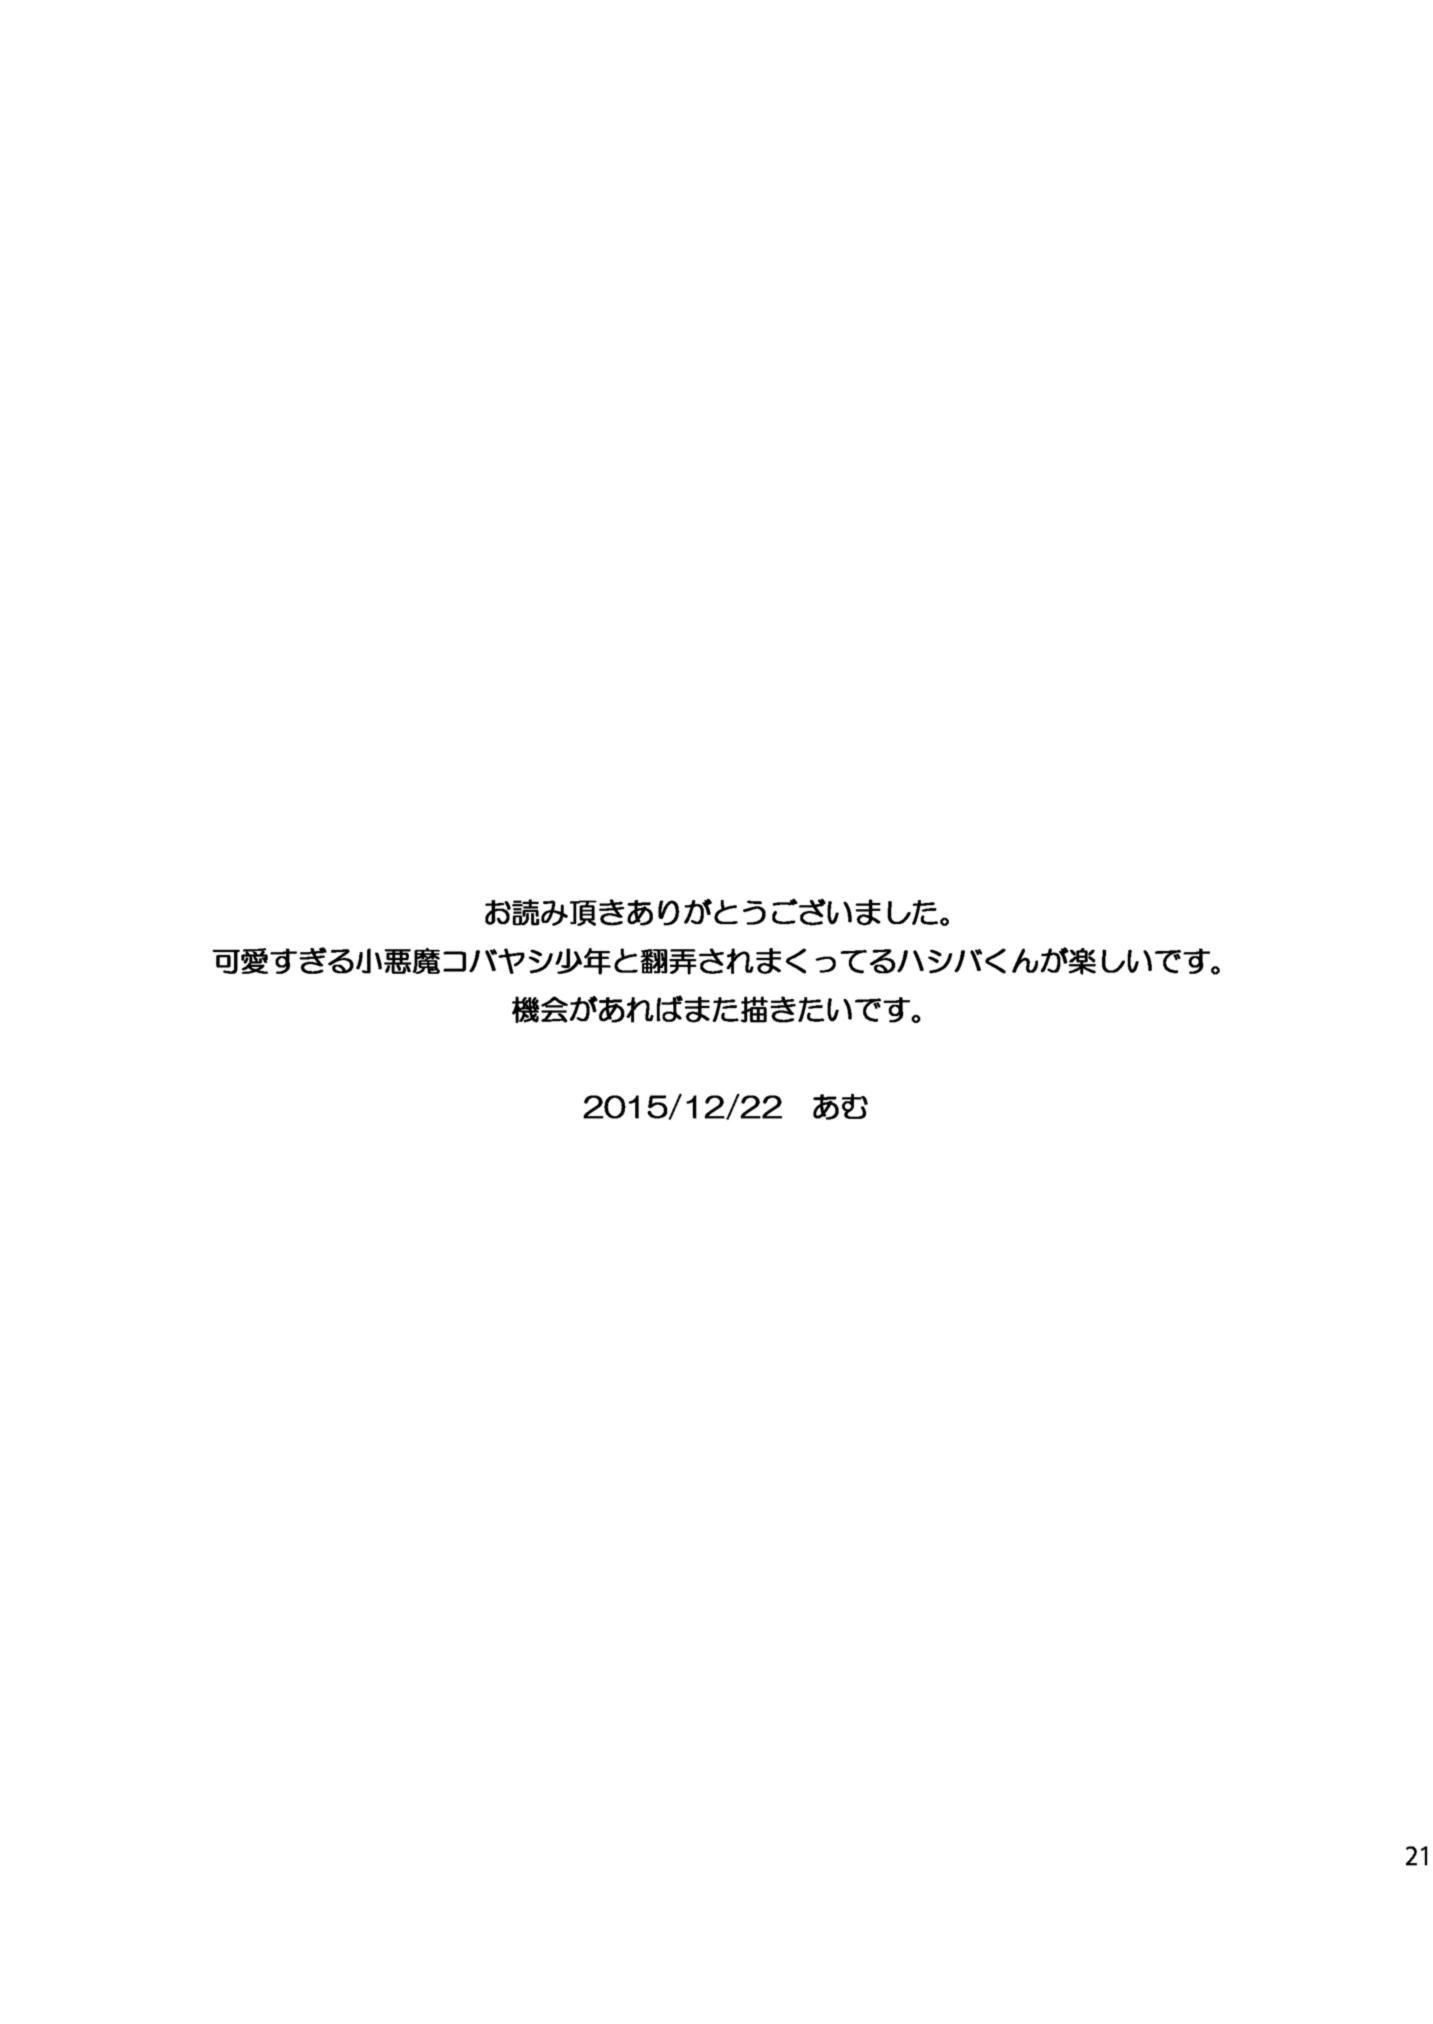 Kyoukai Shounen 20